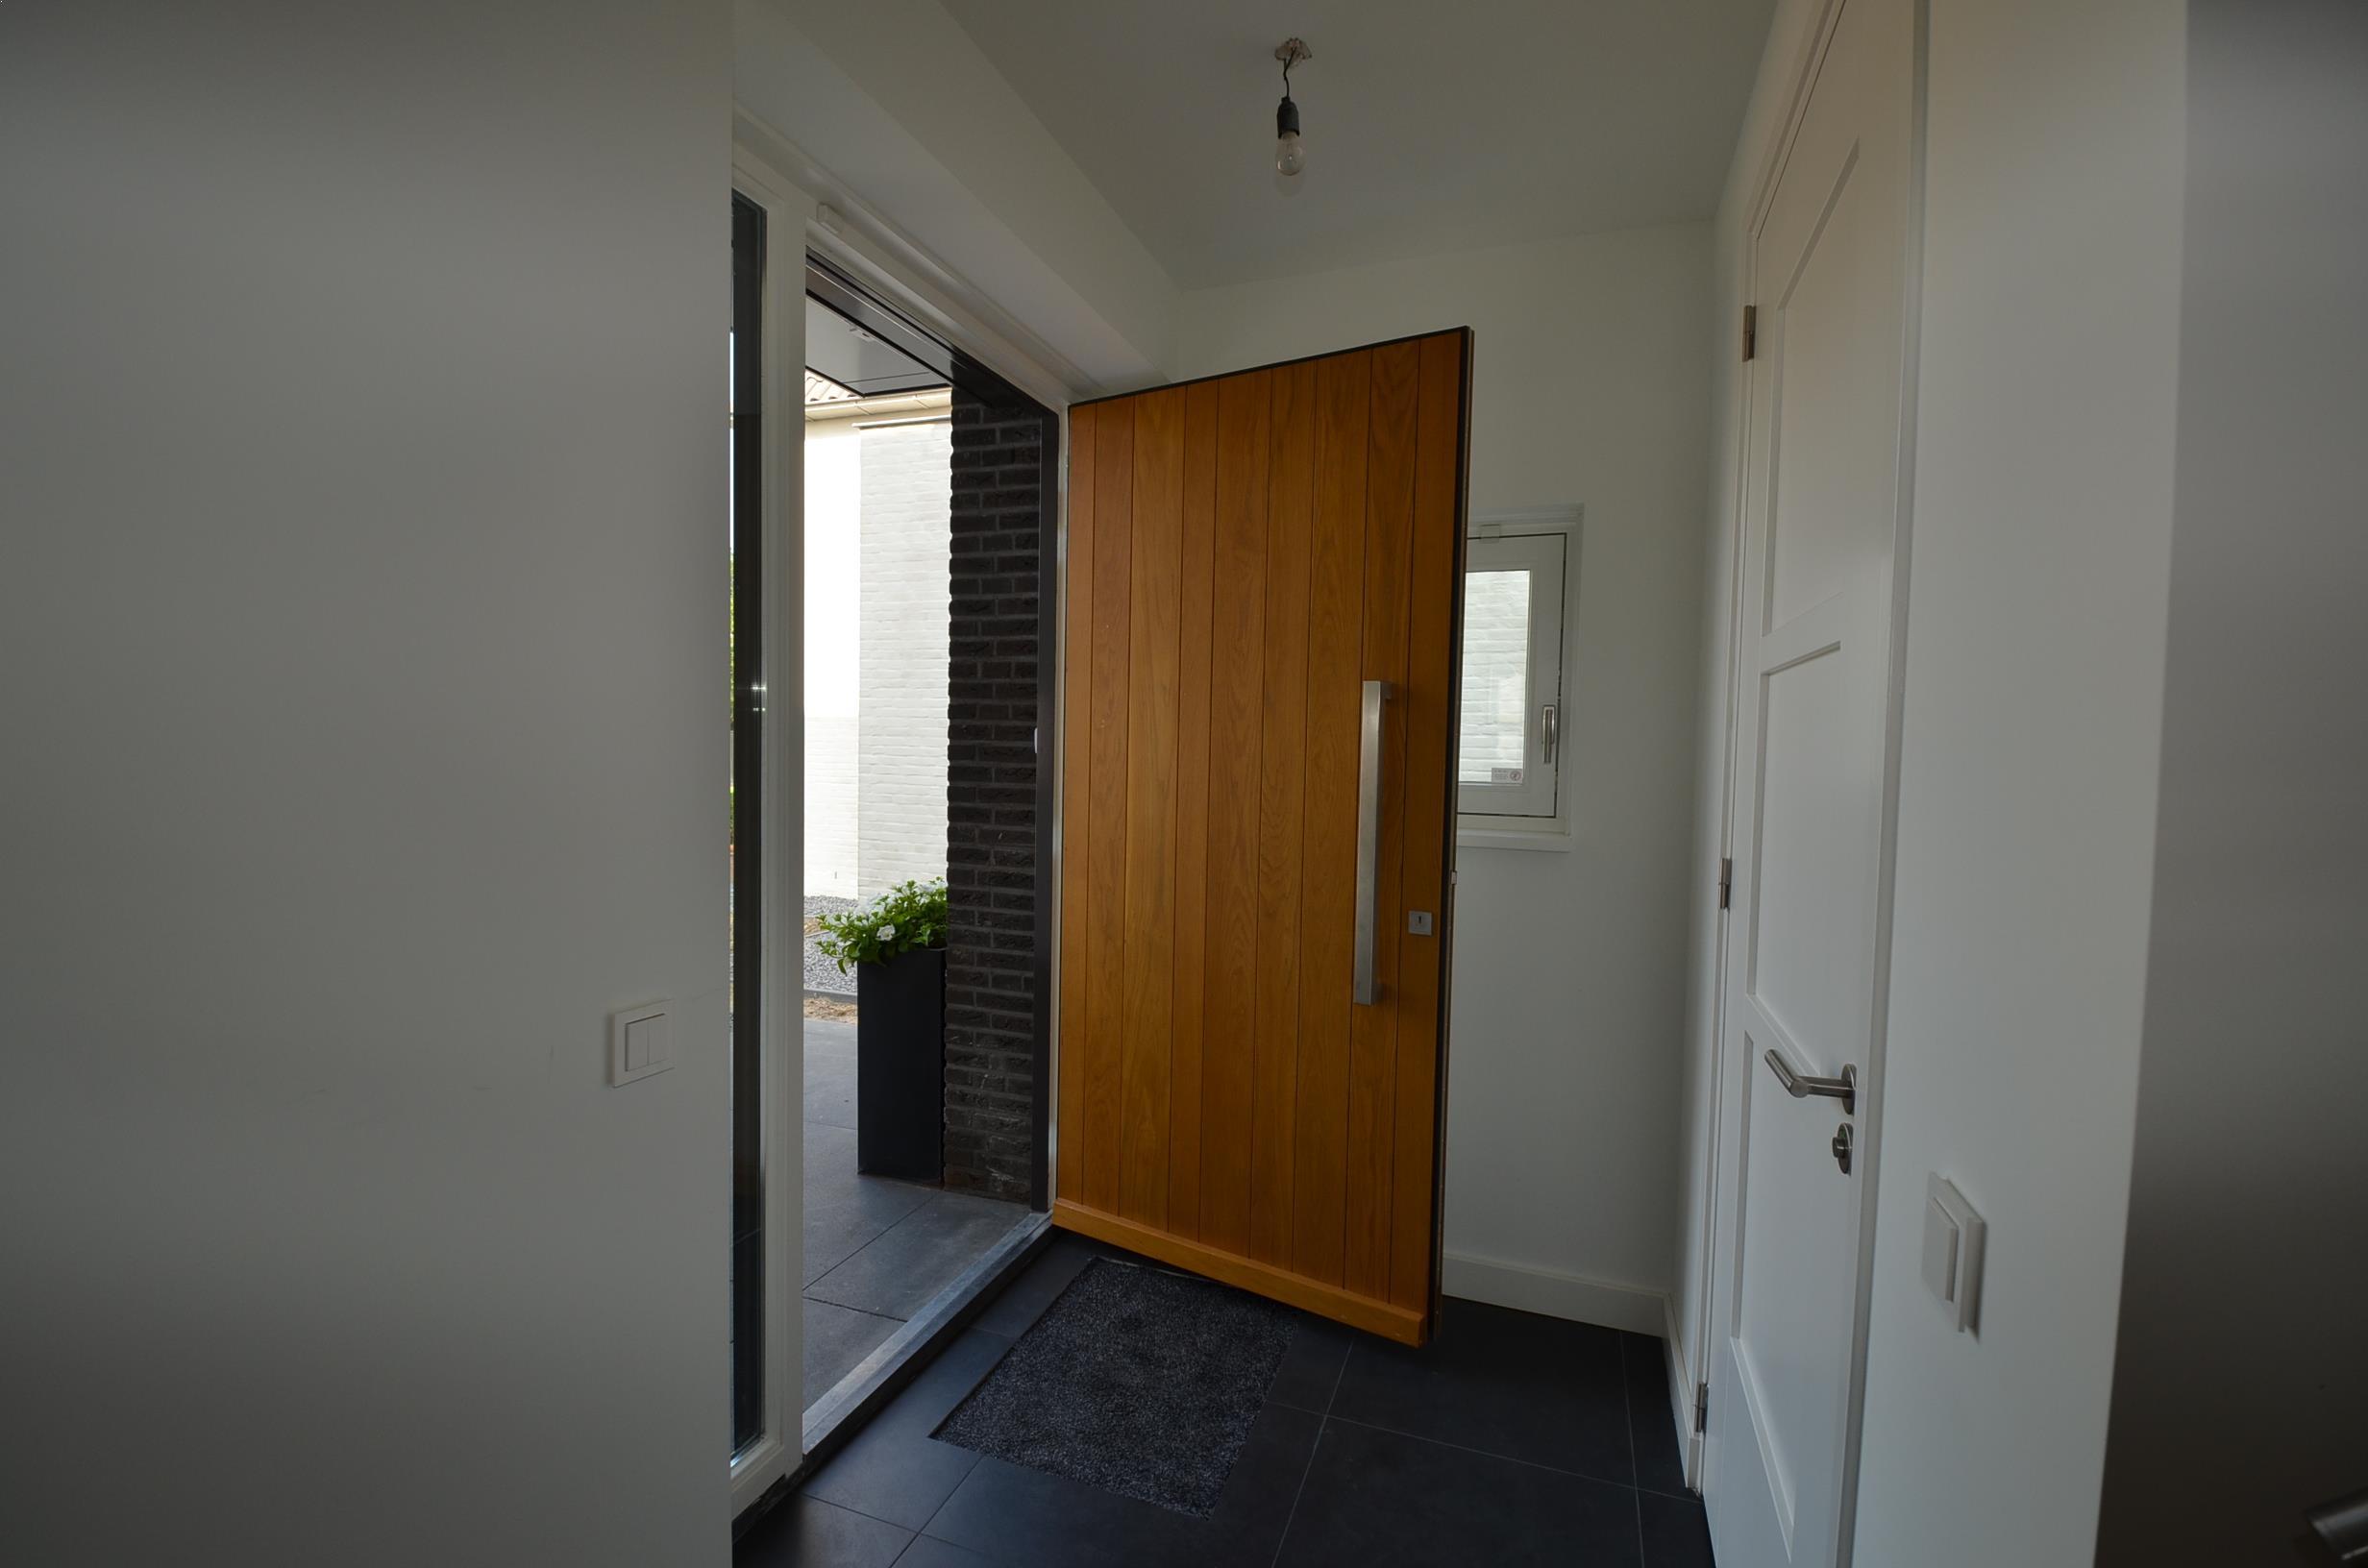 Fonkelnieuw drijvers-oisterwijk-nieuwbouw-woonhuis-voordeur-interieur-modern MU-21